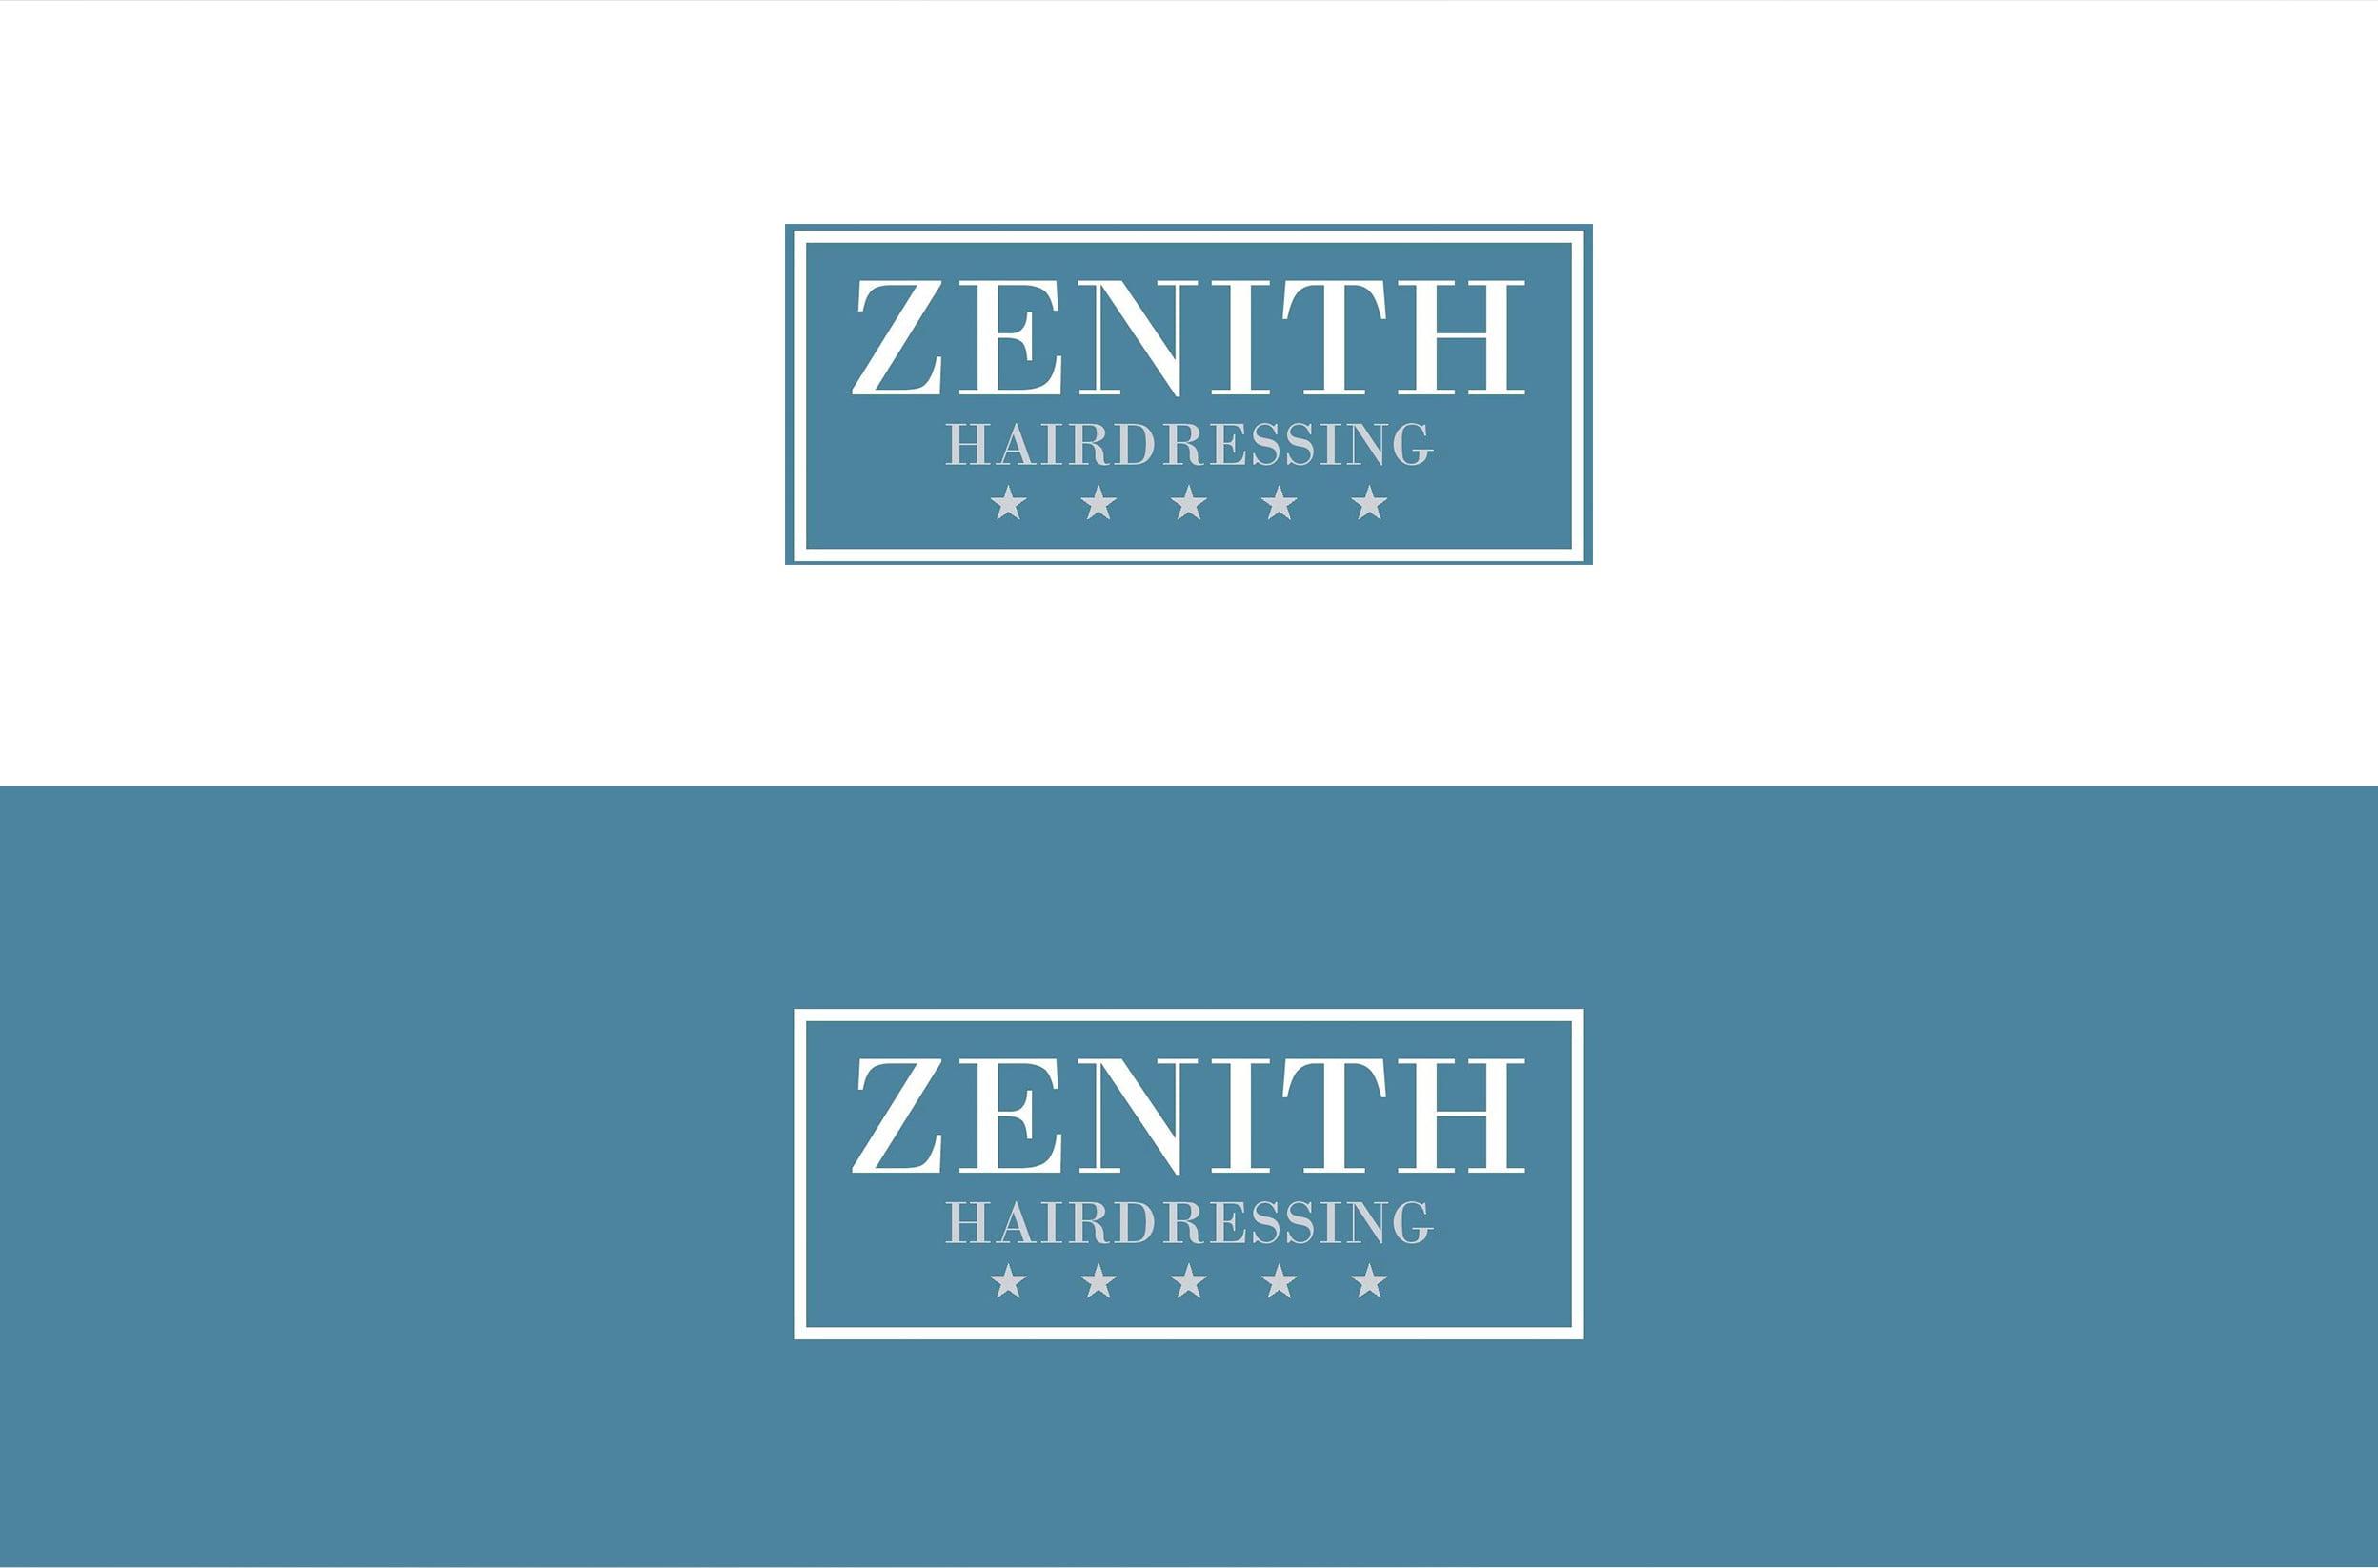 zenith-3